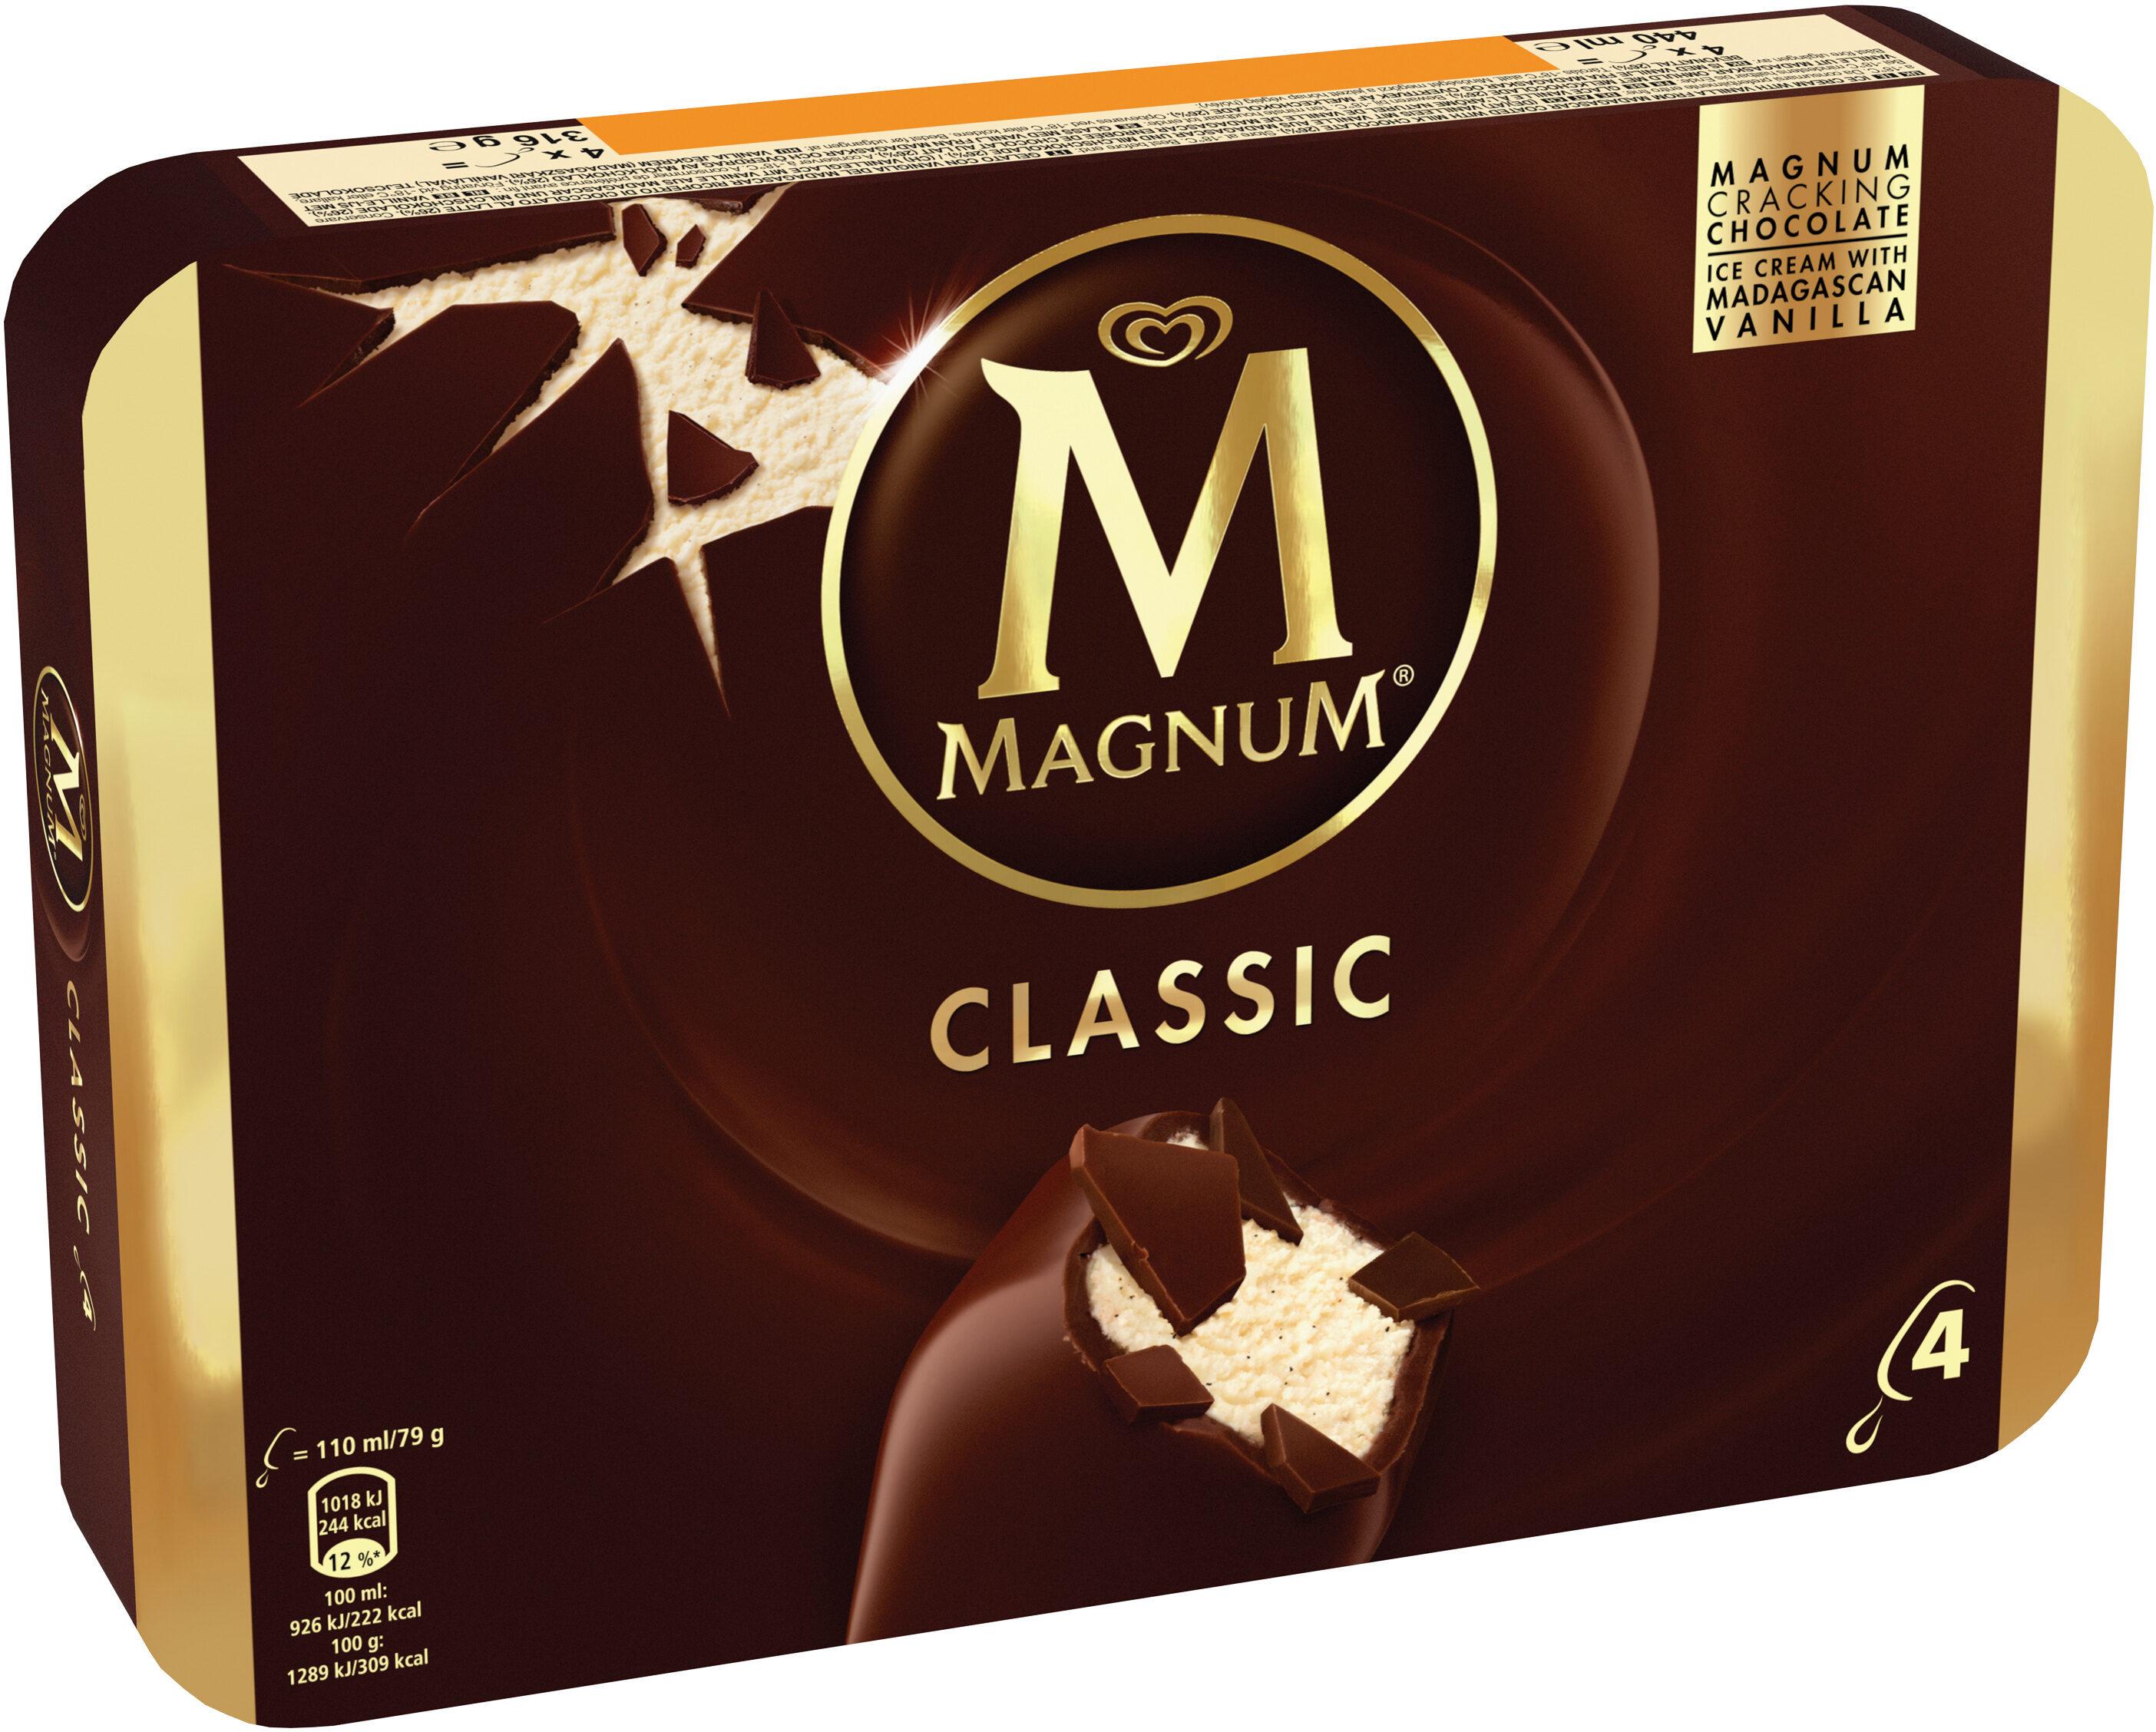 MAGNUM Glace Bâtonnet Classic 4x110ml - Produkt - fr